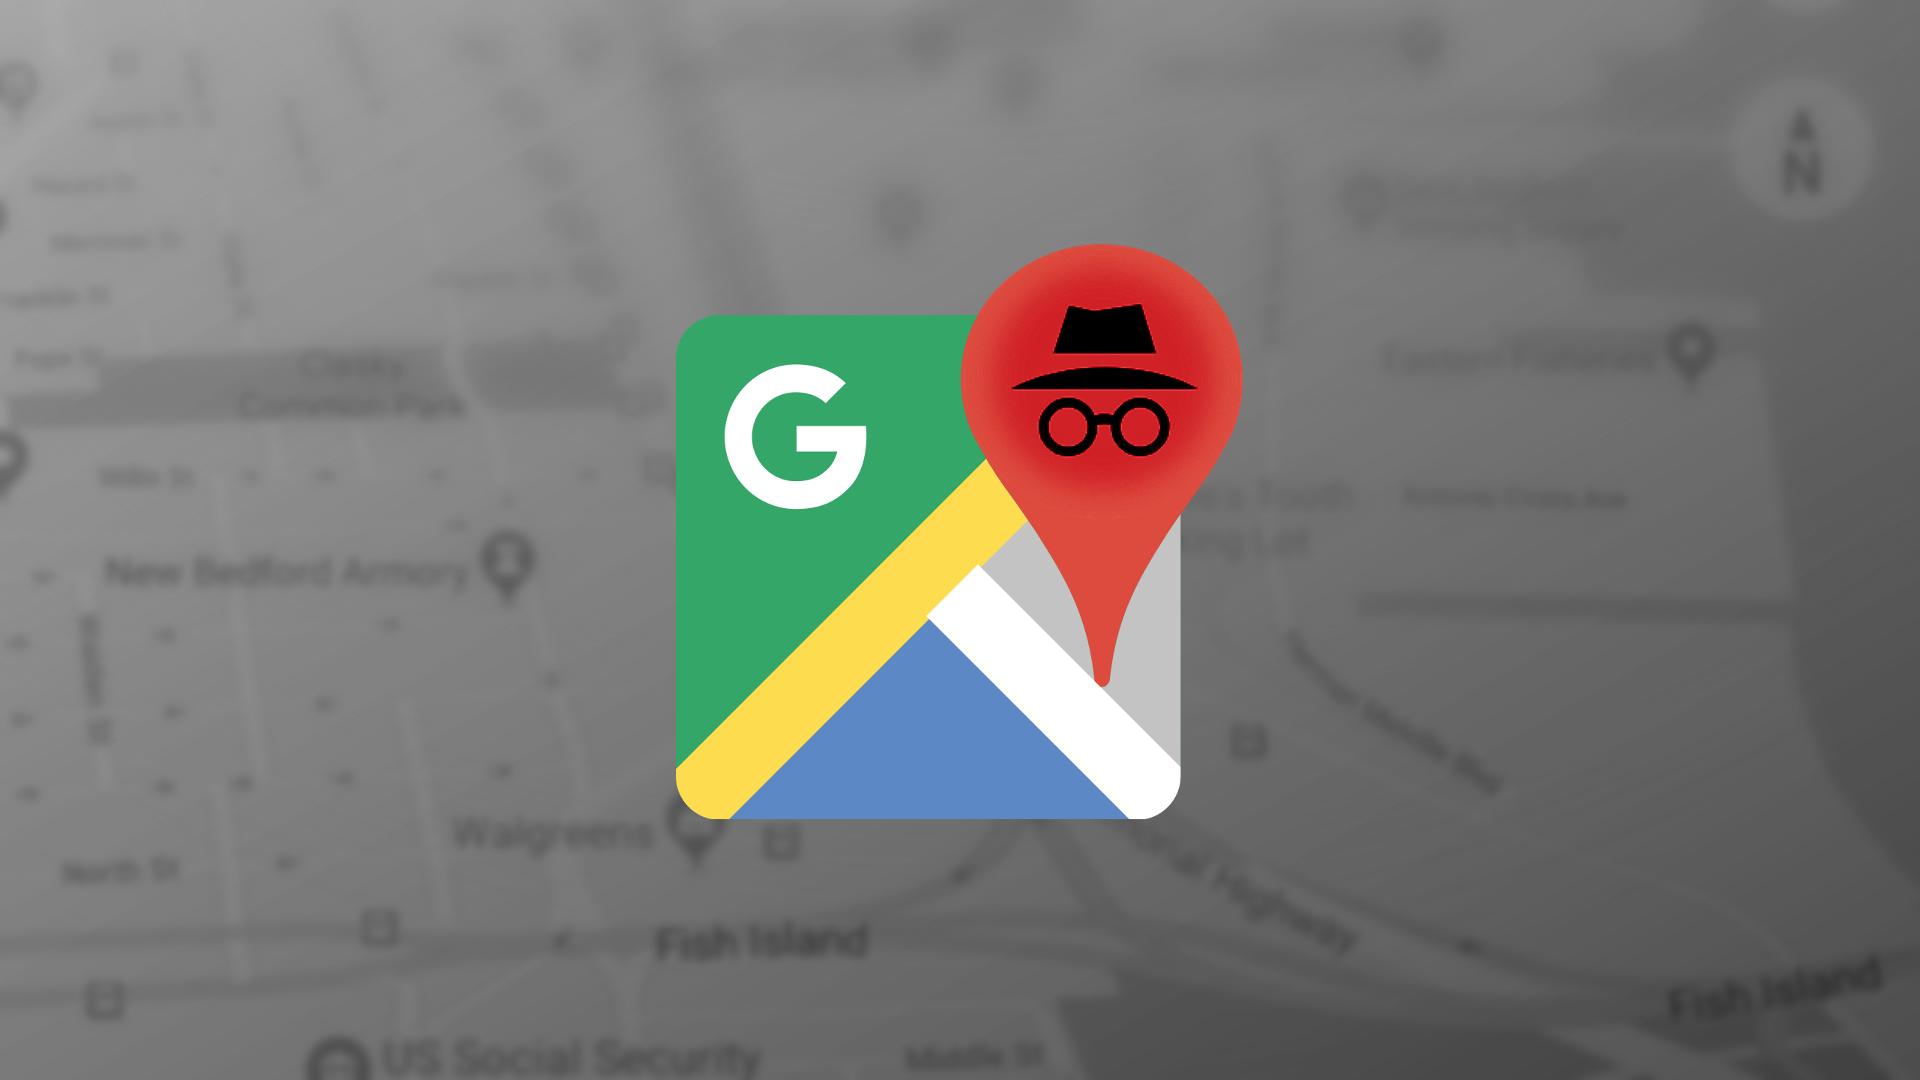 ميزة التصف ح الخفي في خرائط جوجل تبدأ بالظهور لمستخدمي أندرويد